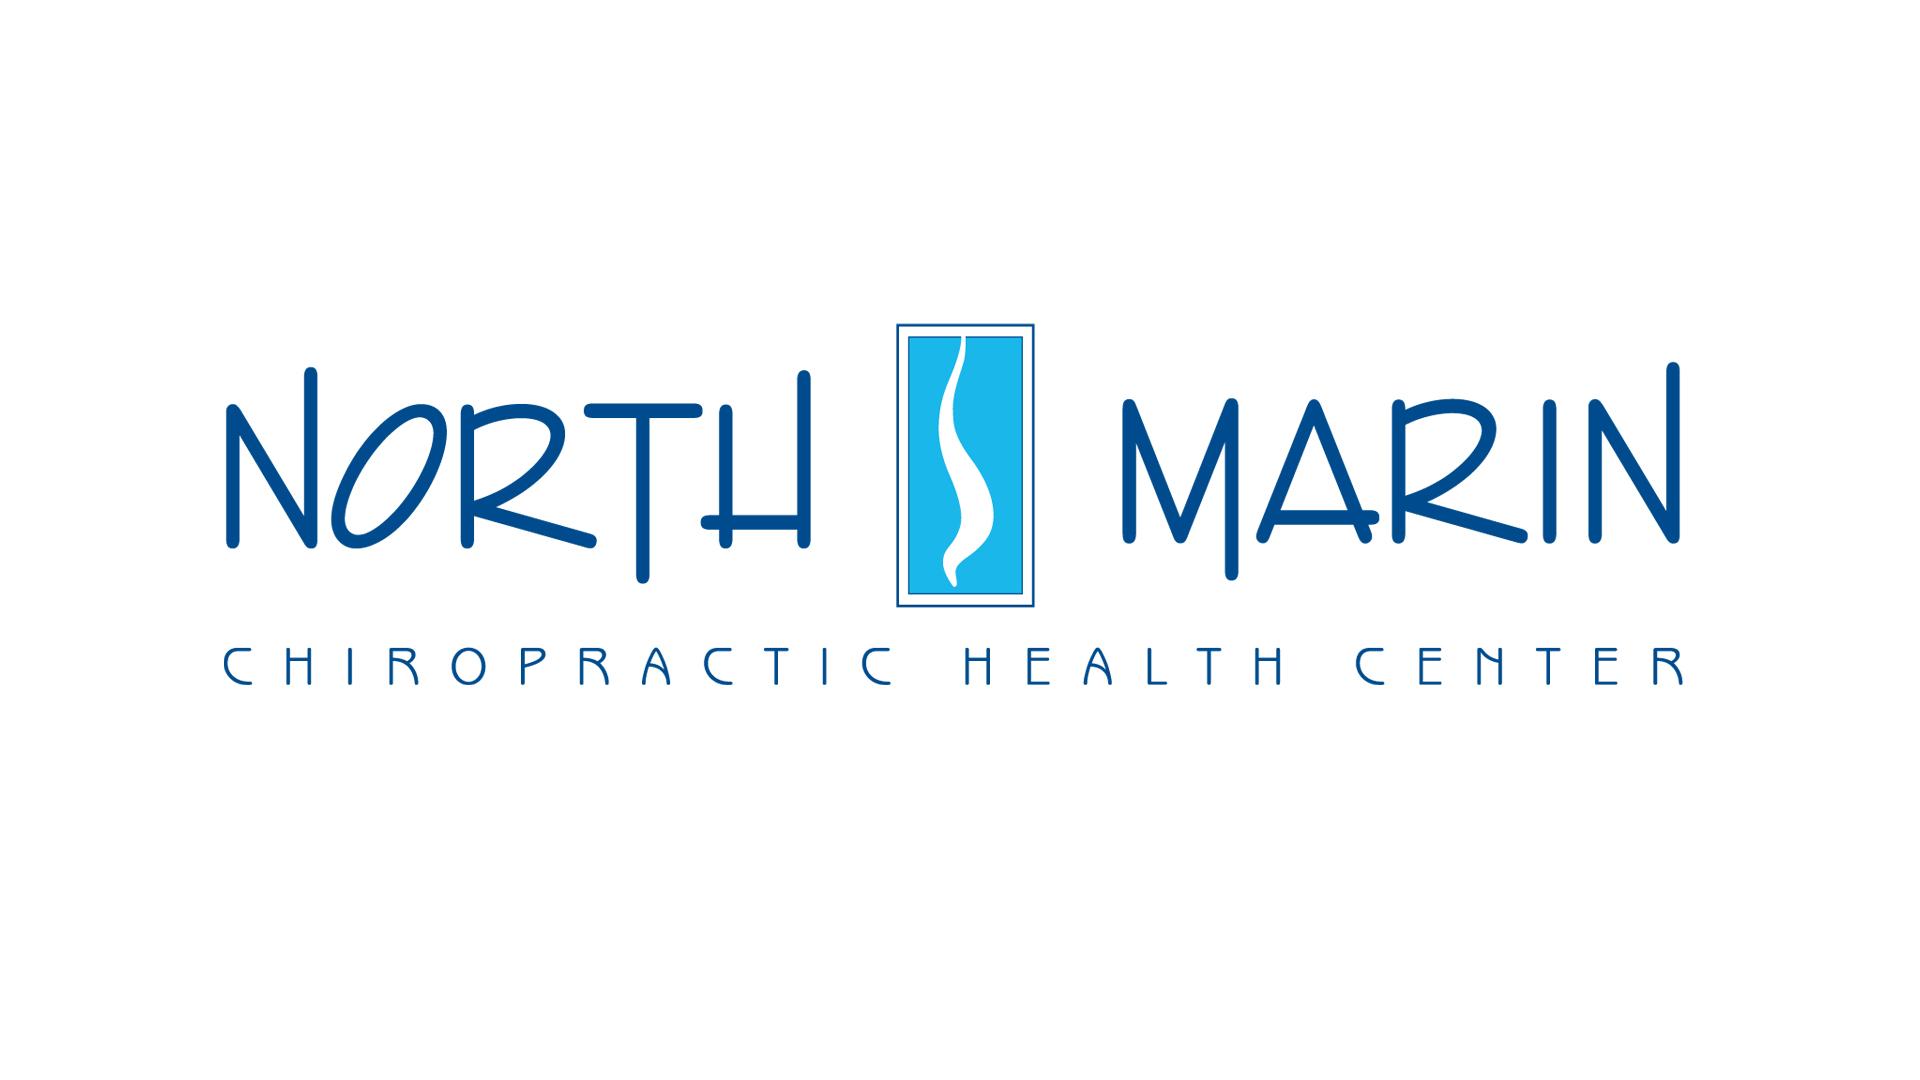 North Marin Chiropractic Health Center Logo Design